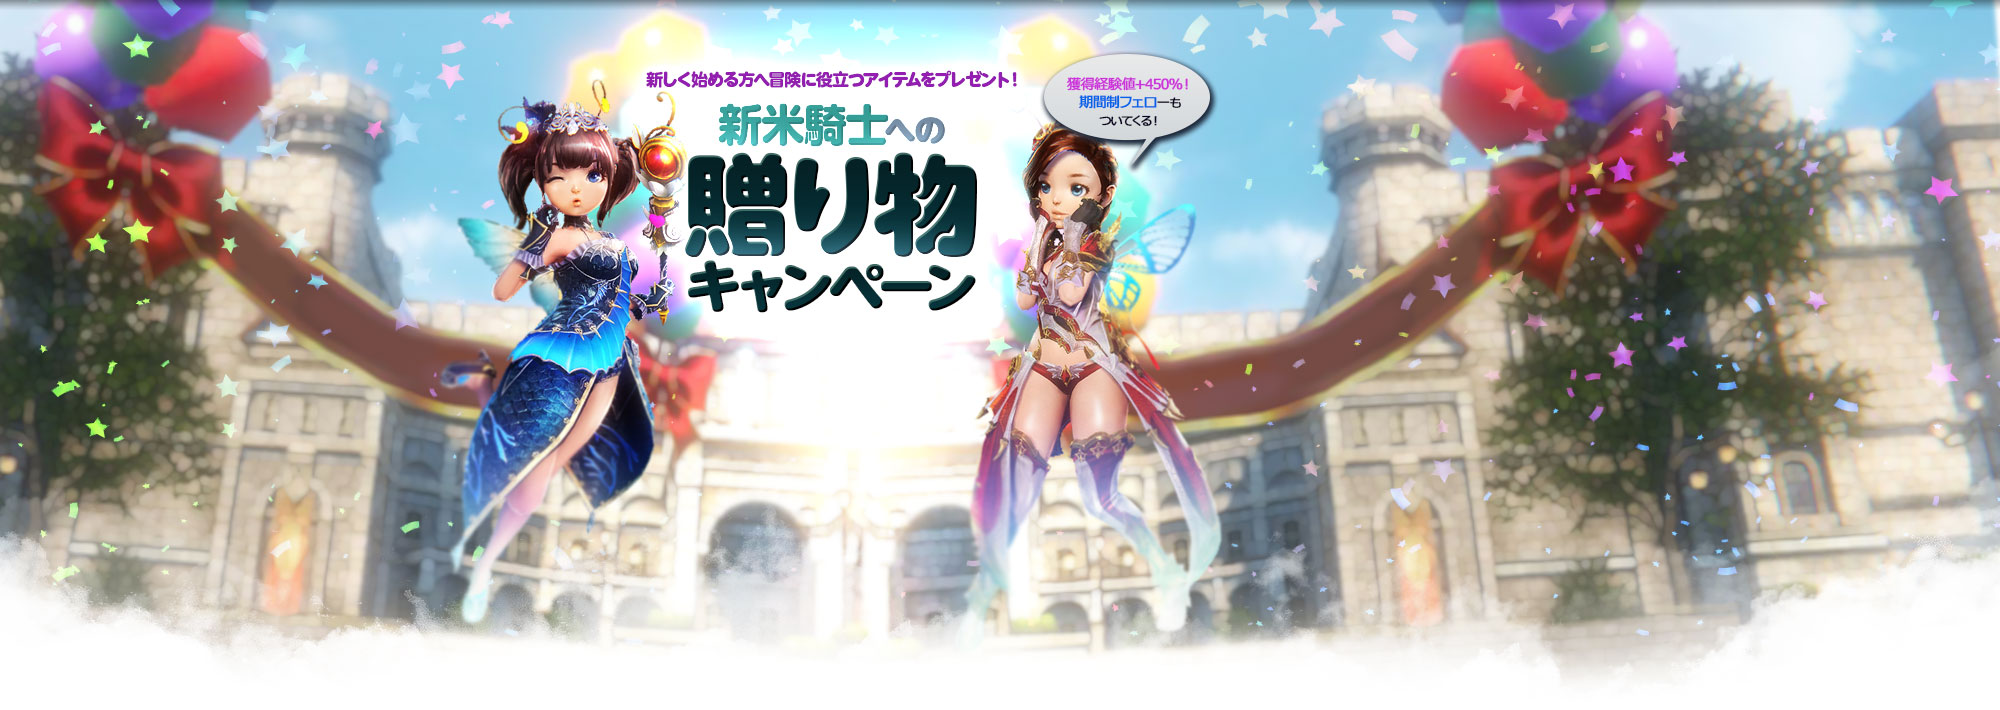 新米騎士への贈り物キャンペーン